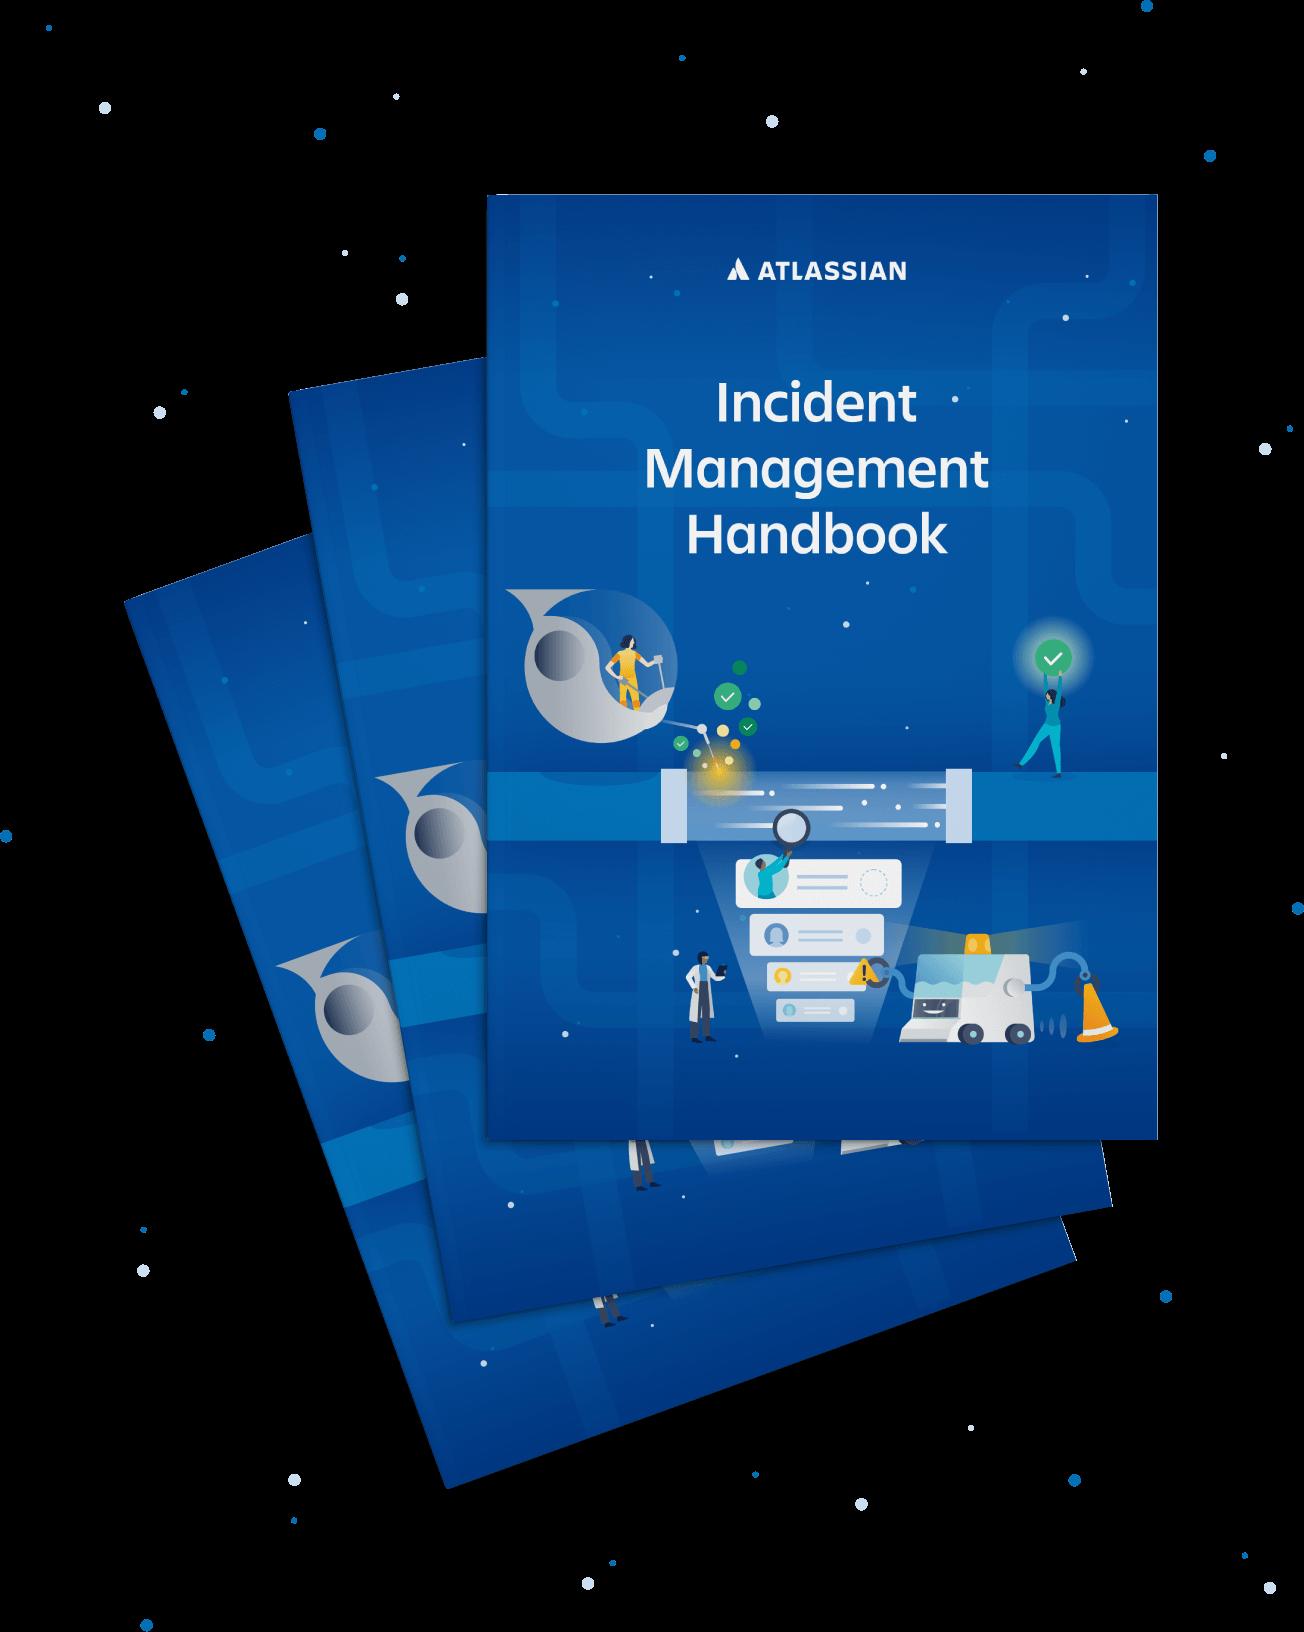 Podręcznik zarządzania incydentami